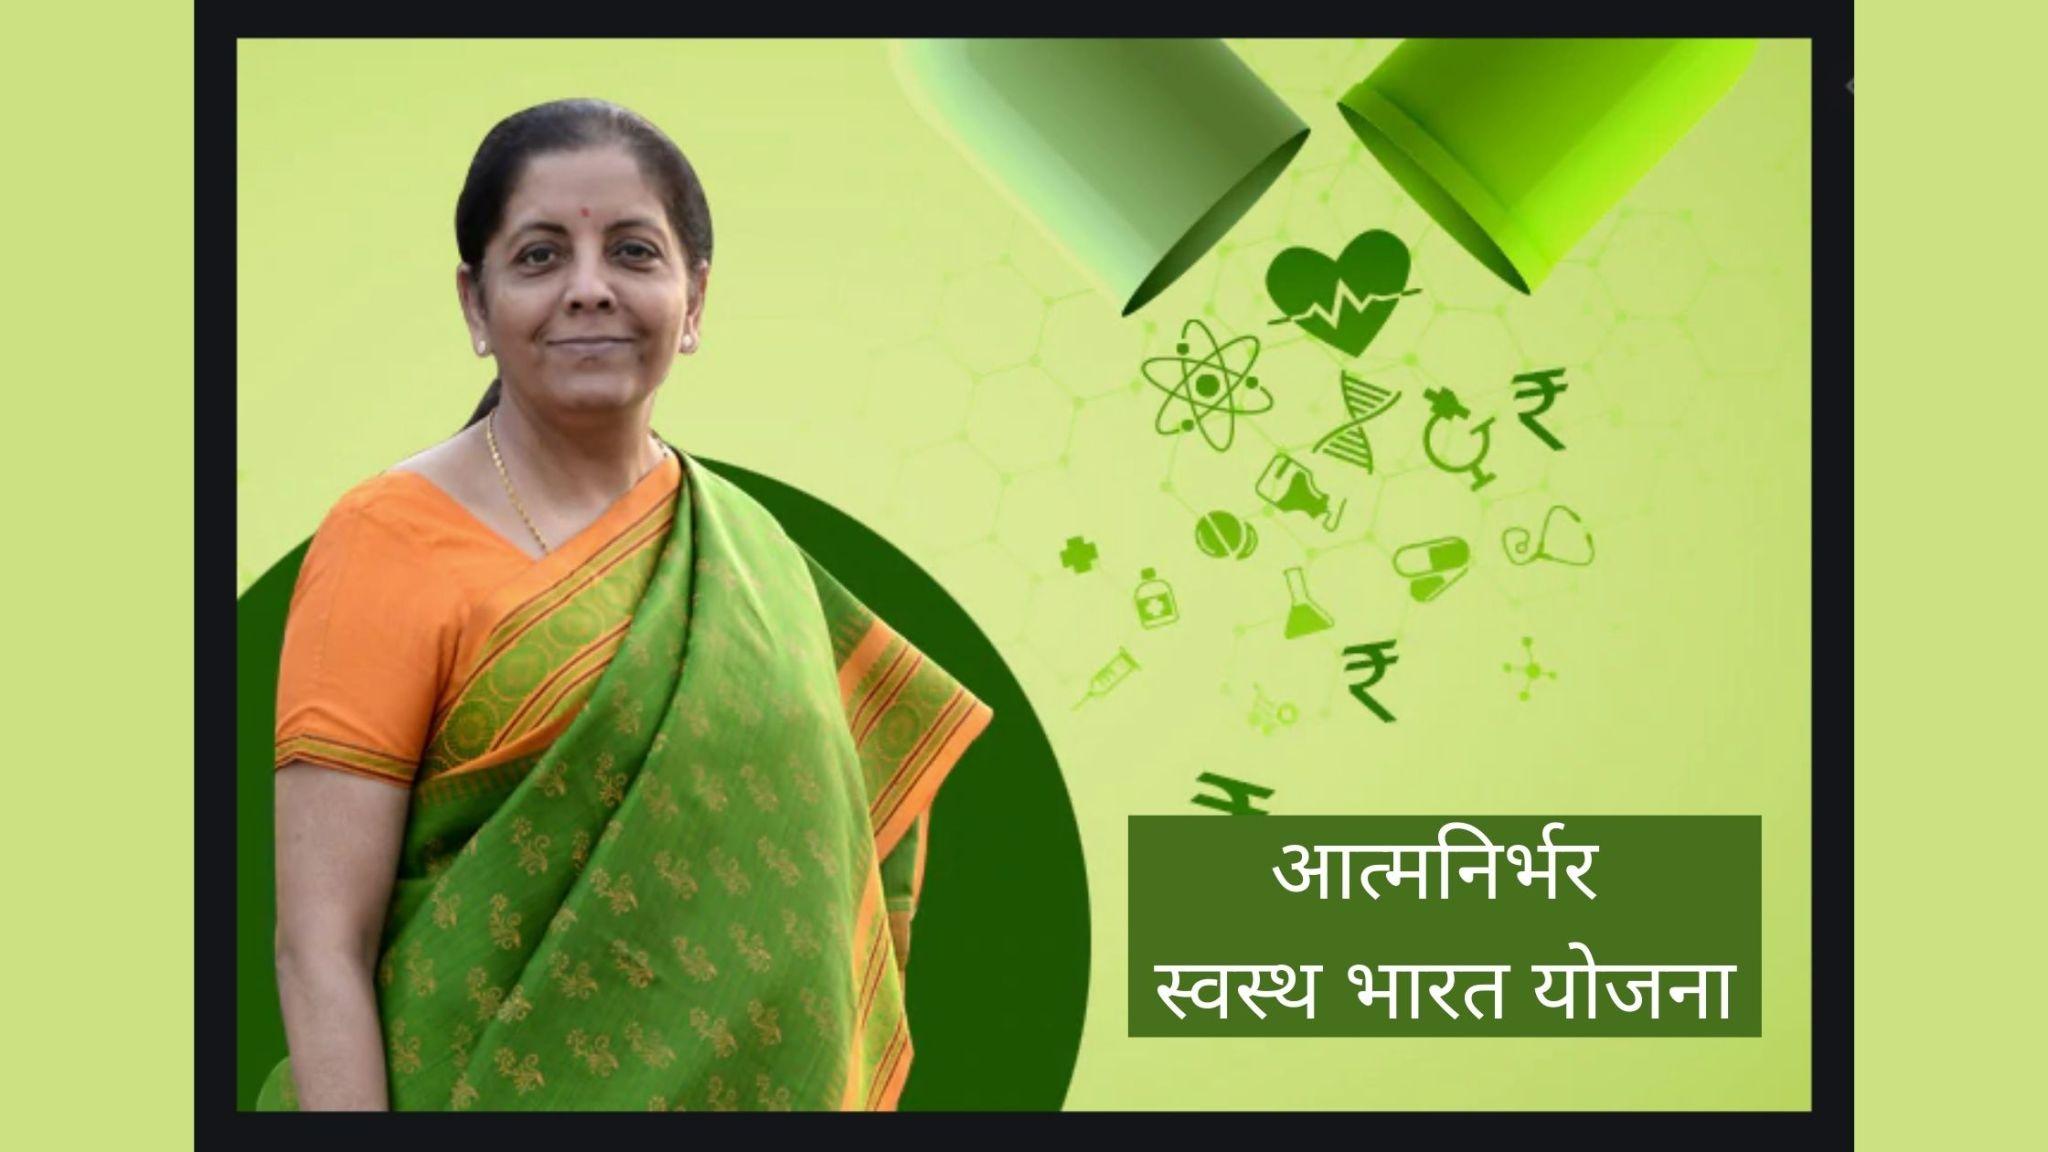 Atmanirbhar Swasth Bharat Yojana